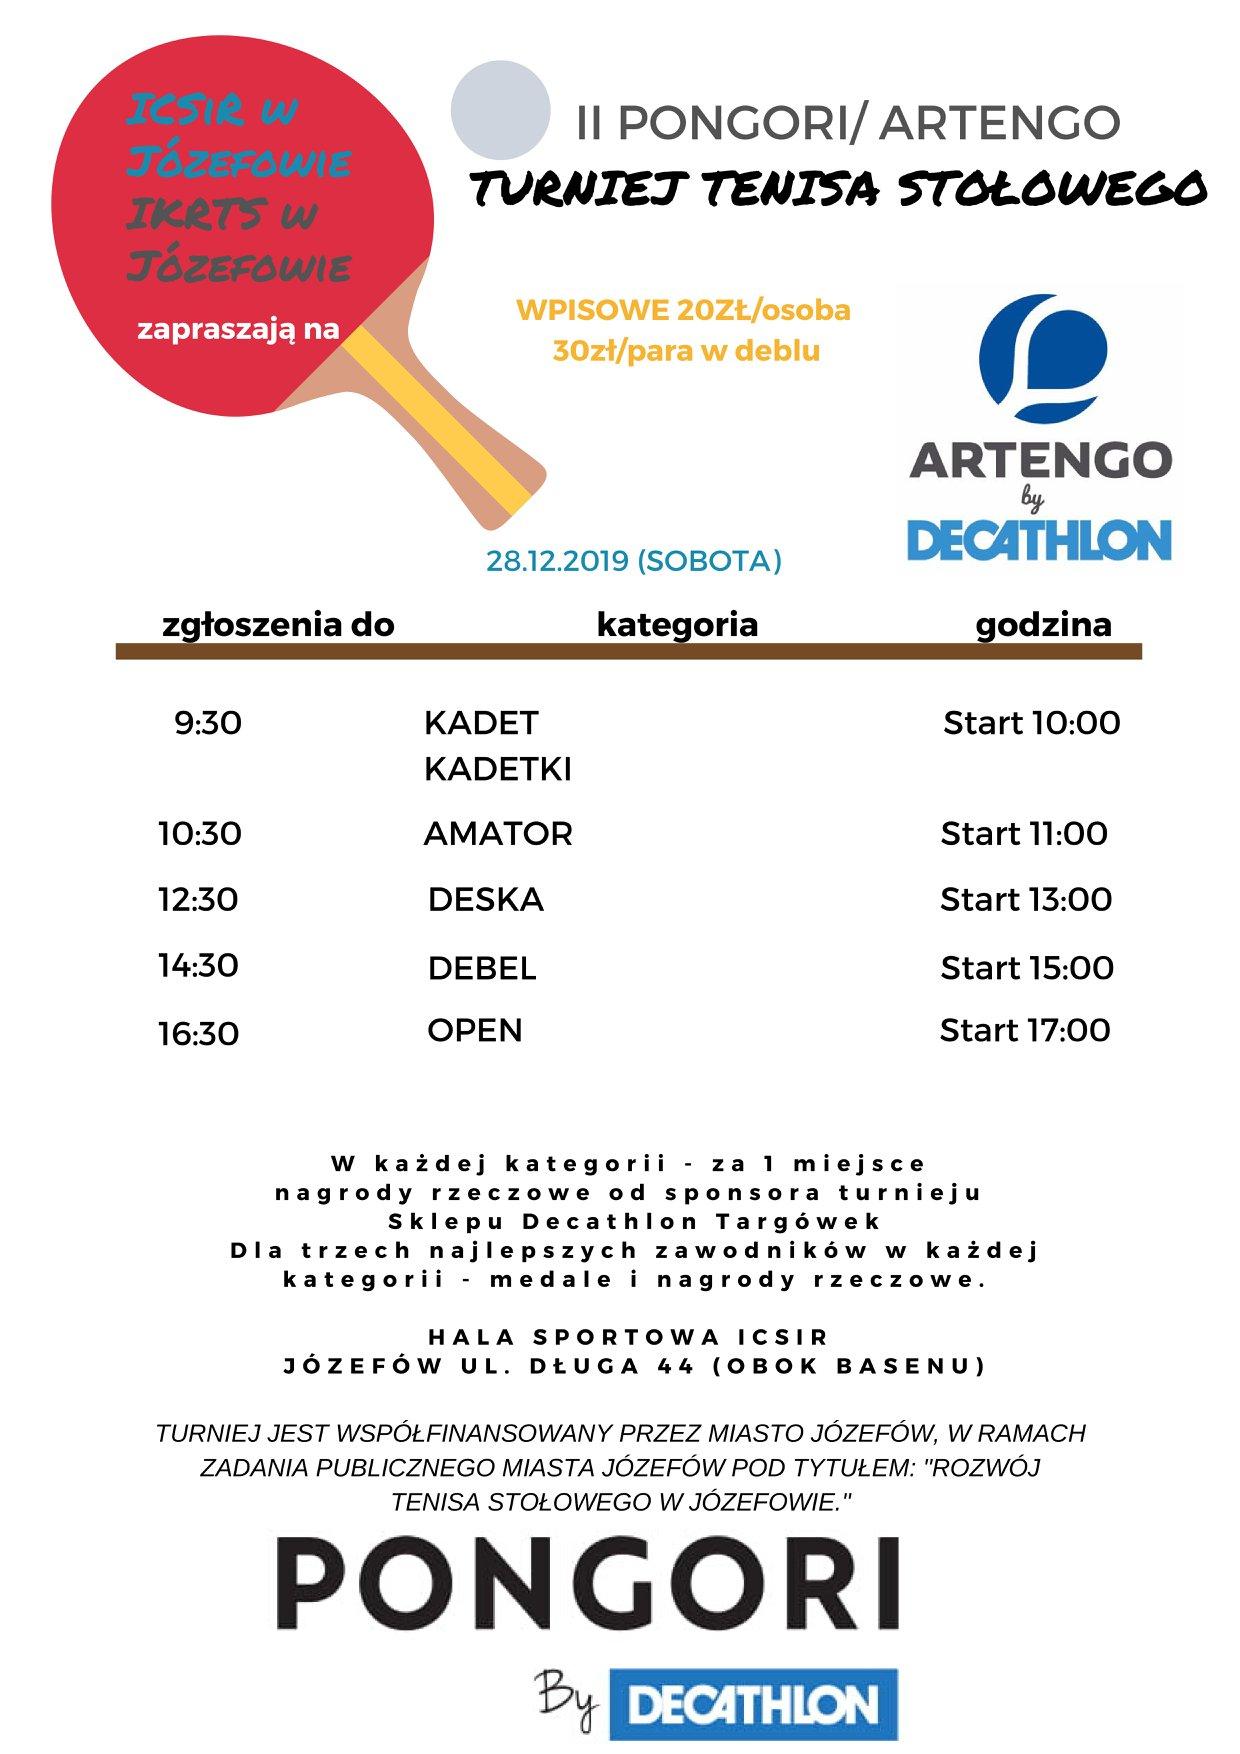 Plakat turnieju II PONGORI / ARTENGO Turniej Tenisa Stołowego